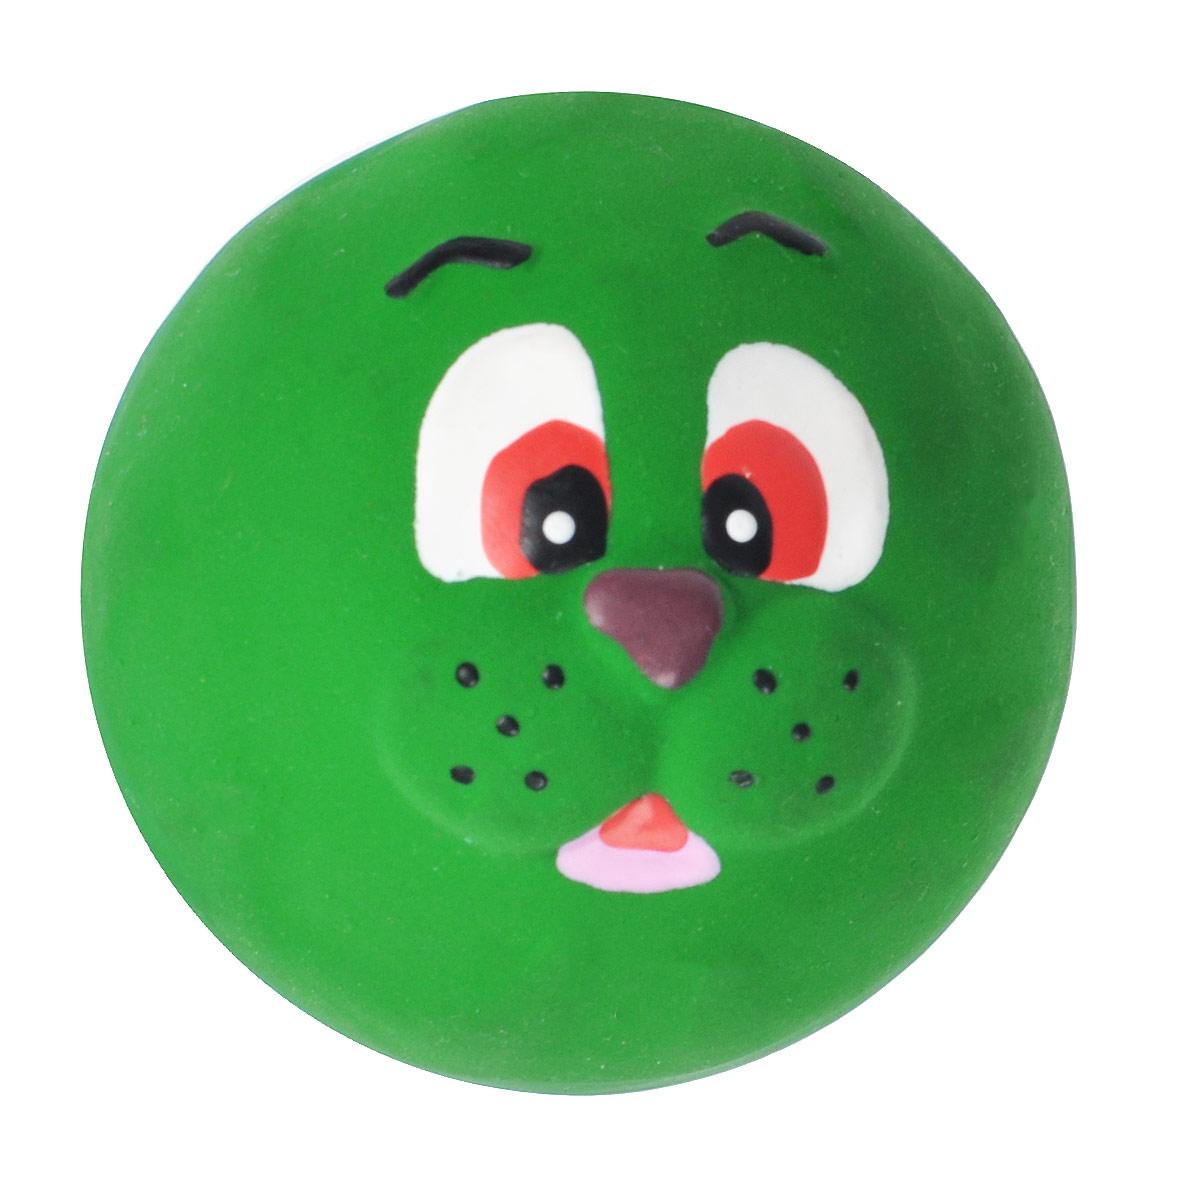 Игрушка для собак I.P.T.S. Мяч с мордочкой животных, цвет: зеленый, диаметр 7 смGU01BИгрушка для собак I.P.T.S. Мяч с мордочкой животных, изготовленная из высококачественного латекса, выполнена в виде мячика с милой мордочкой. Такая игрушка порадует вашего любимца, а вам доставит массу приятных эмоций, ведь наблюдать за игрой всегда интересно и приятно. Оставшись в одиночестве, ваша собака будет увлеченно играть.